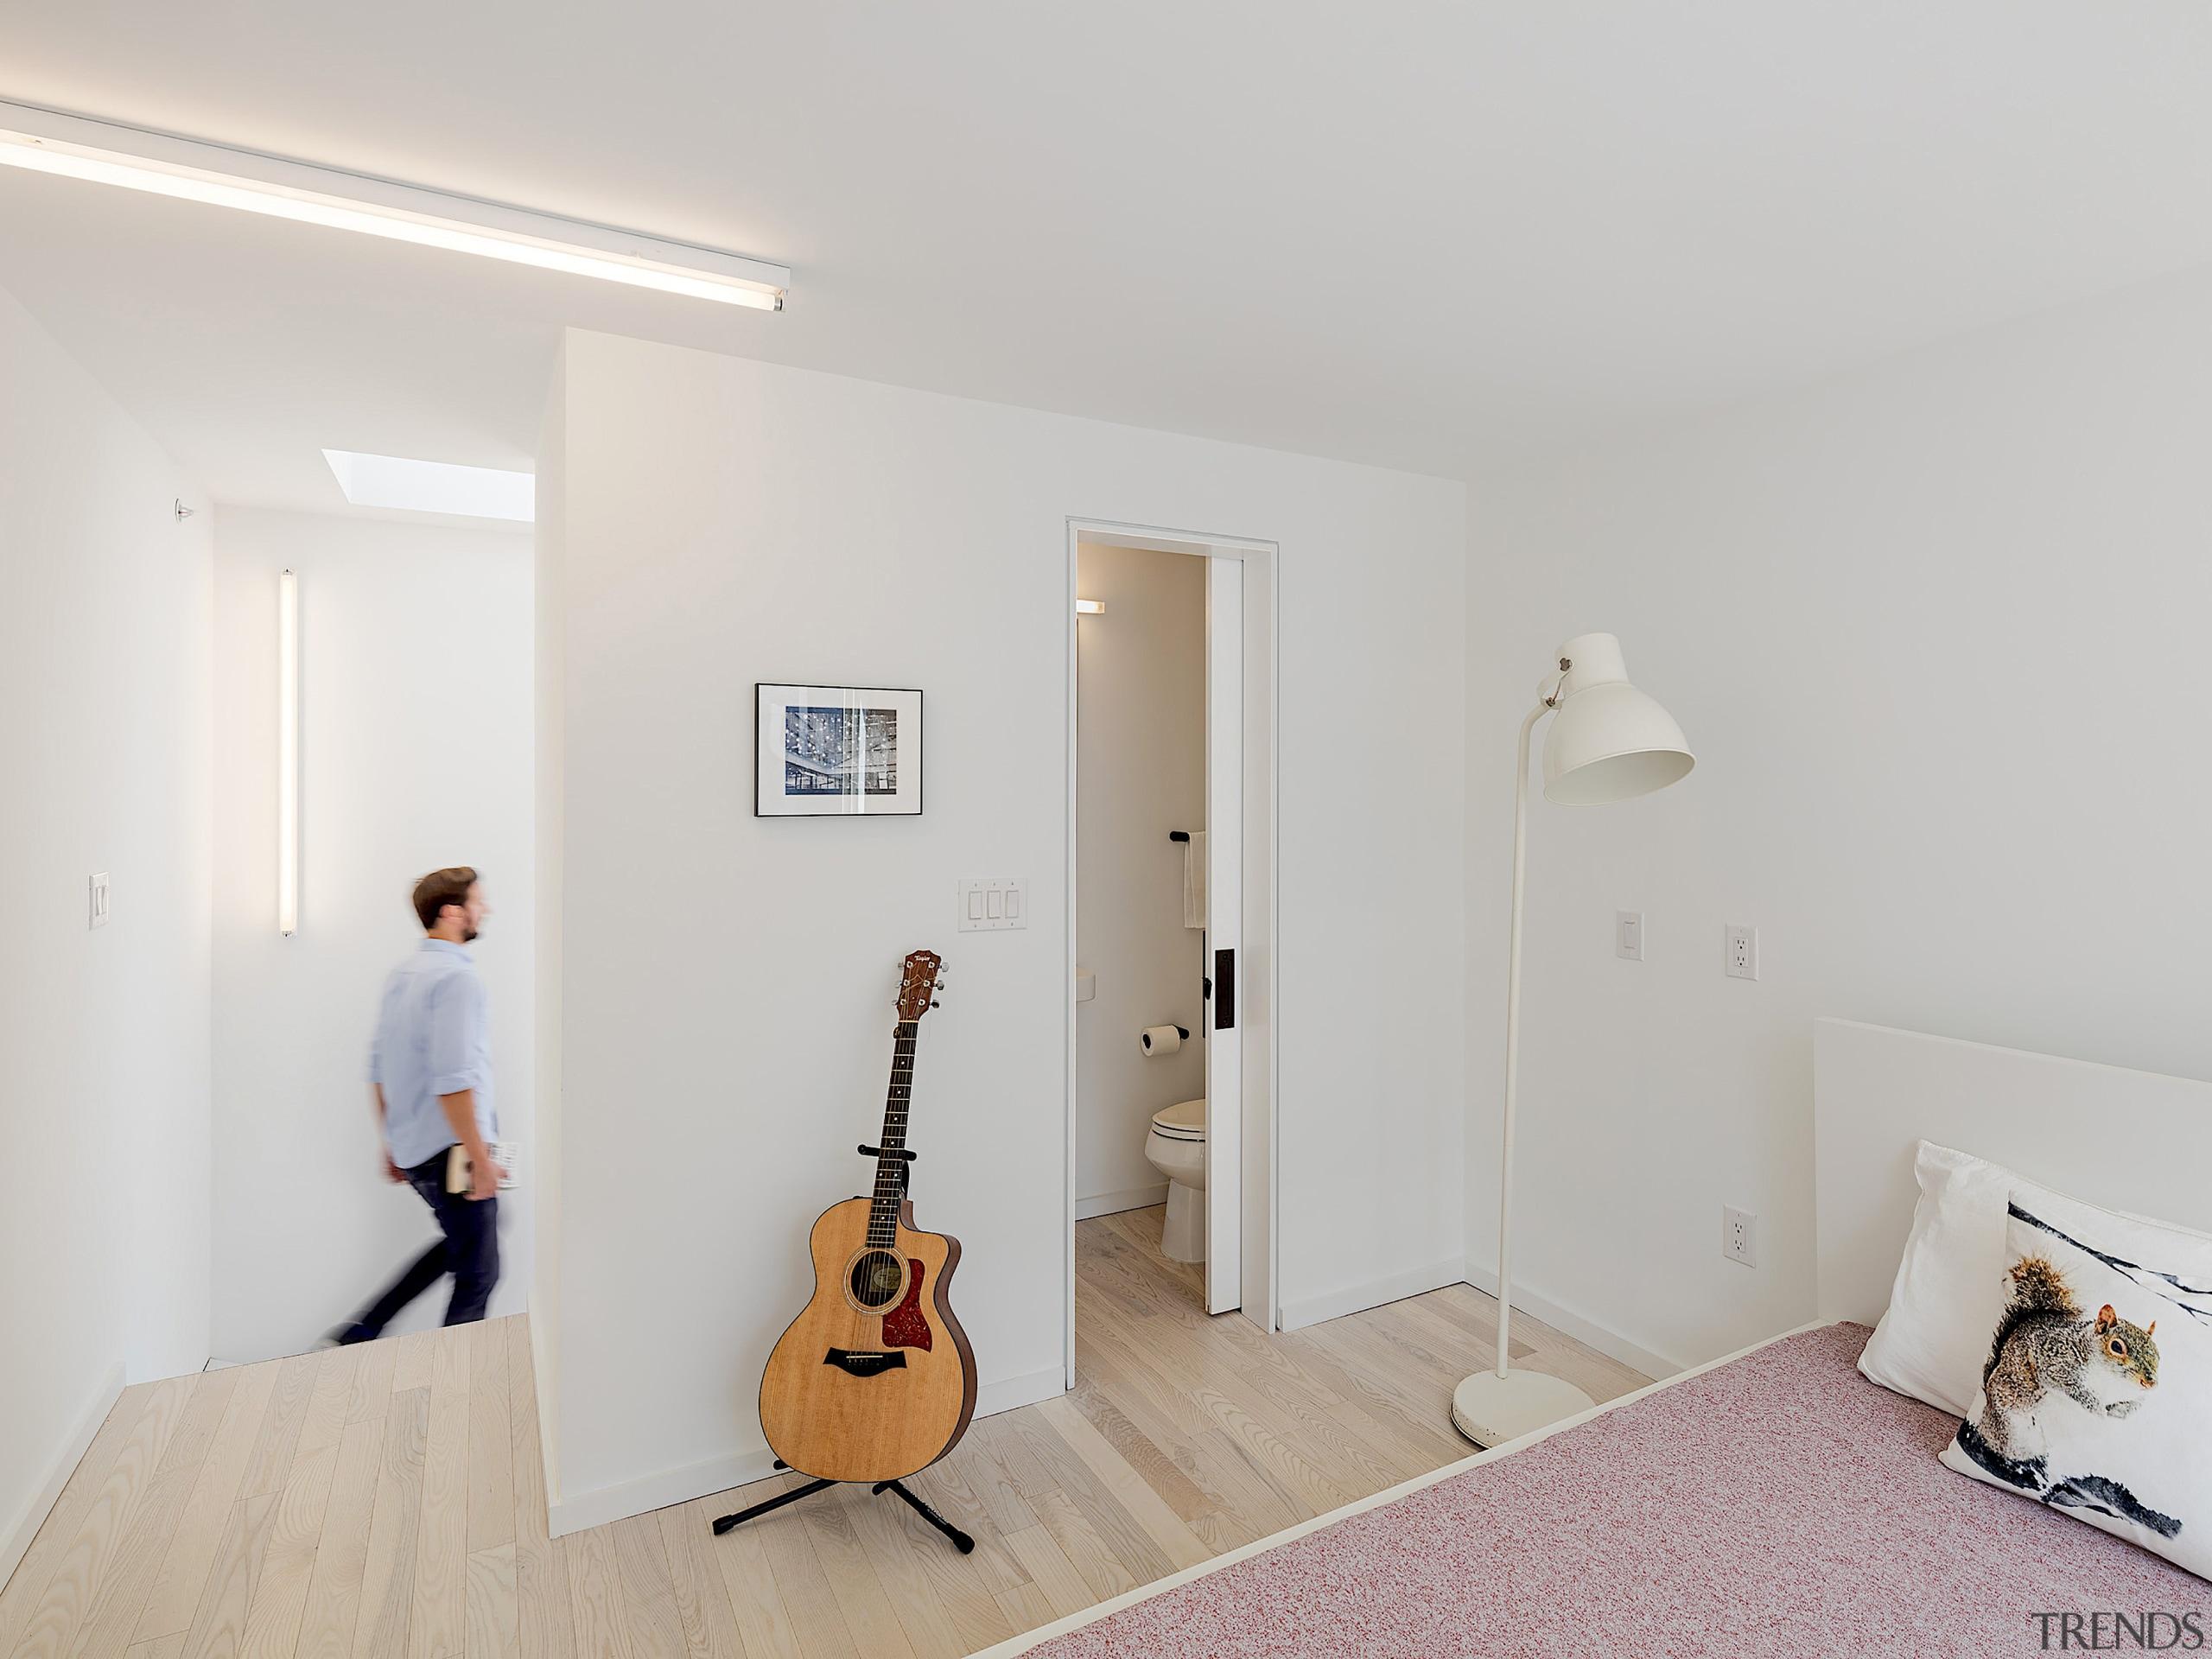 The six-level domestic skyscraper allows for plenty of